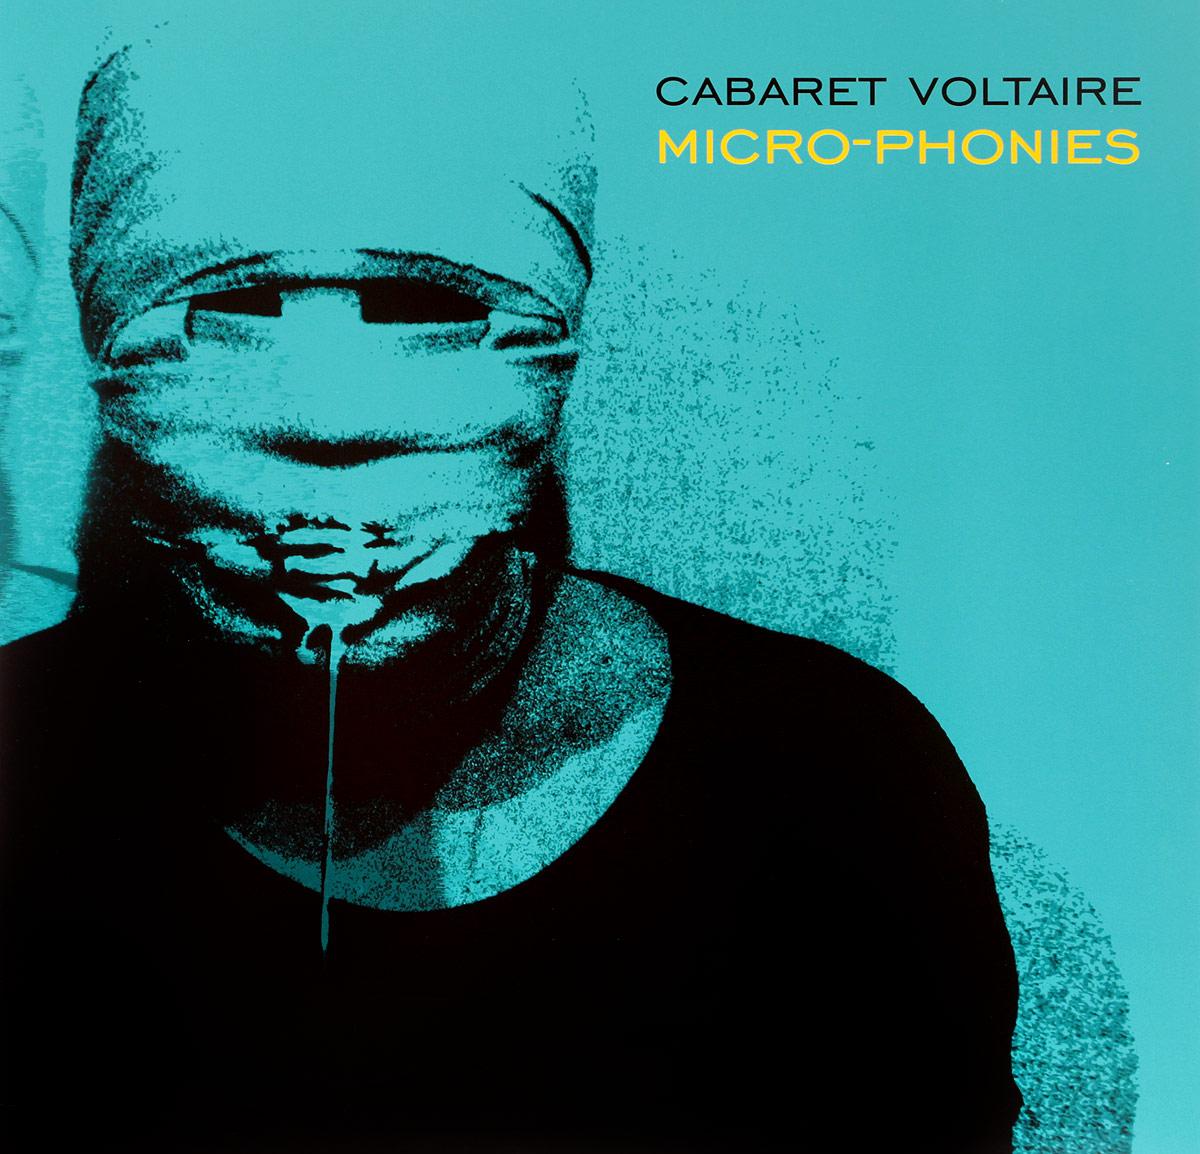 Cabaret Voltaire Cabaret Voltaire Micro-Phonies 2 LP